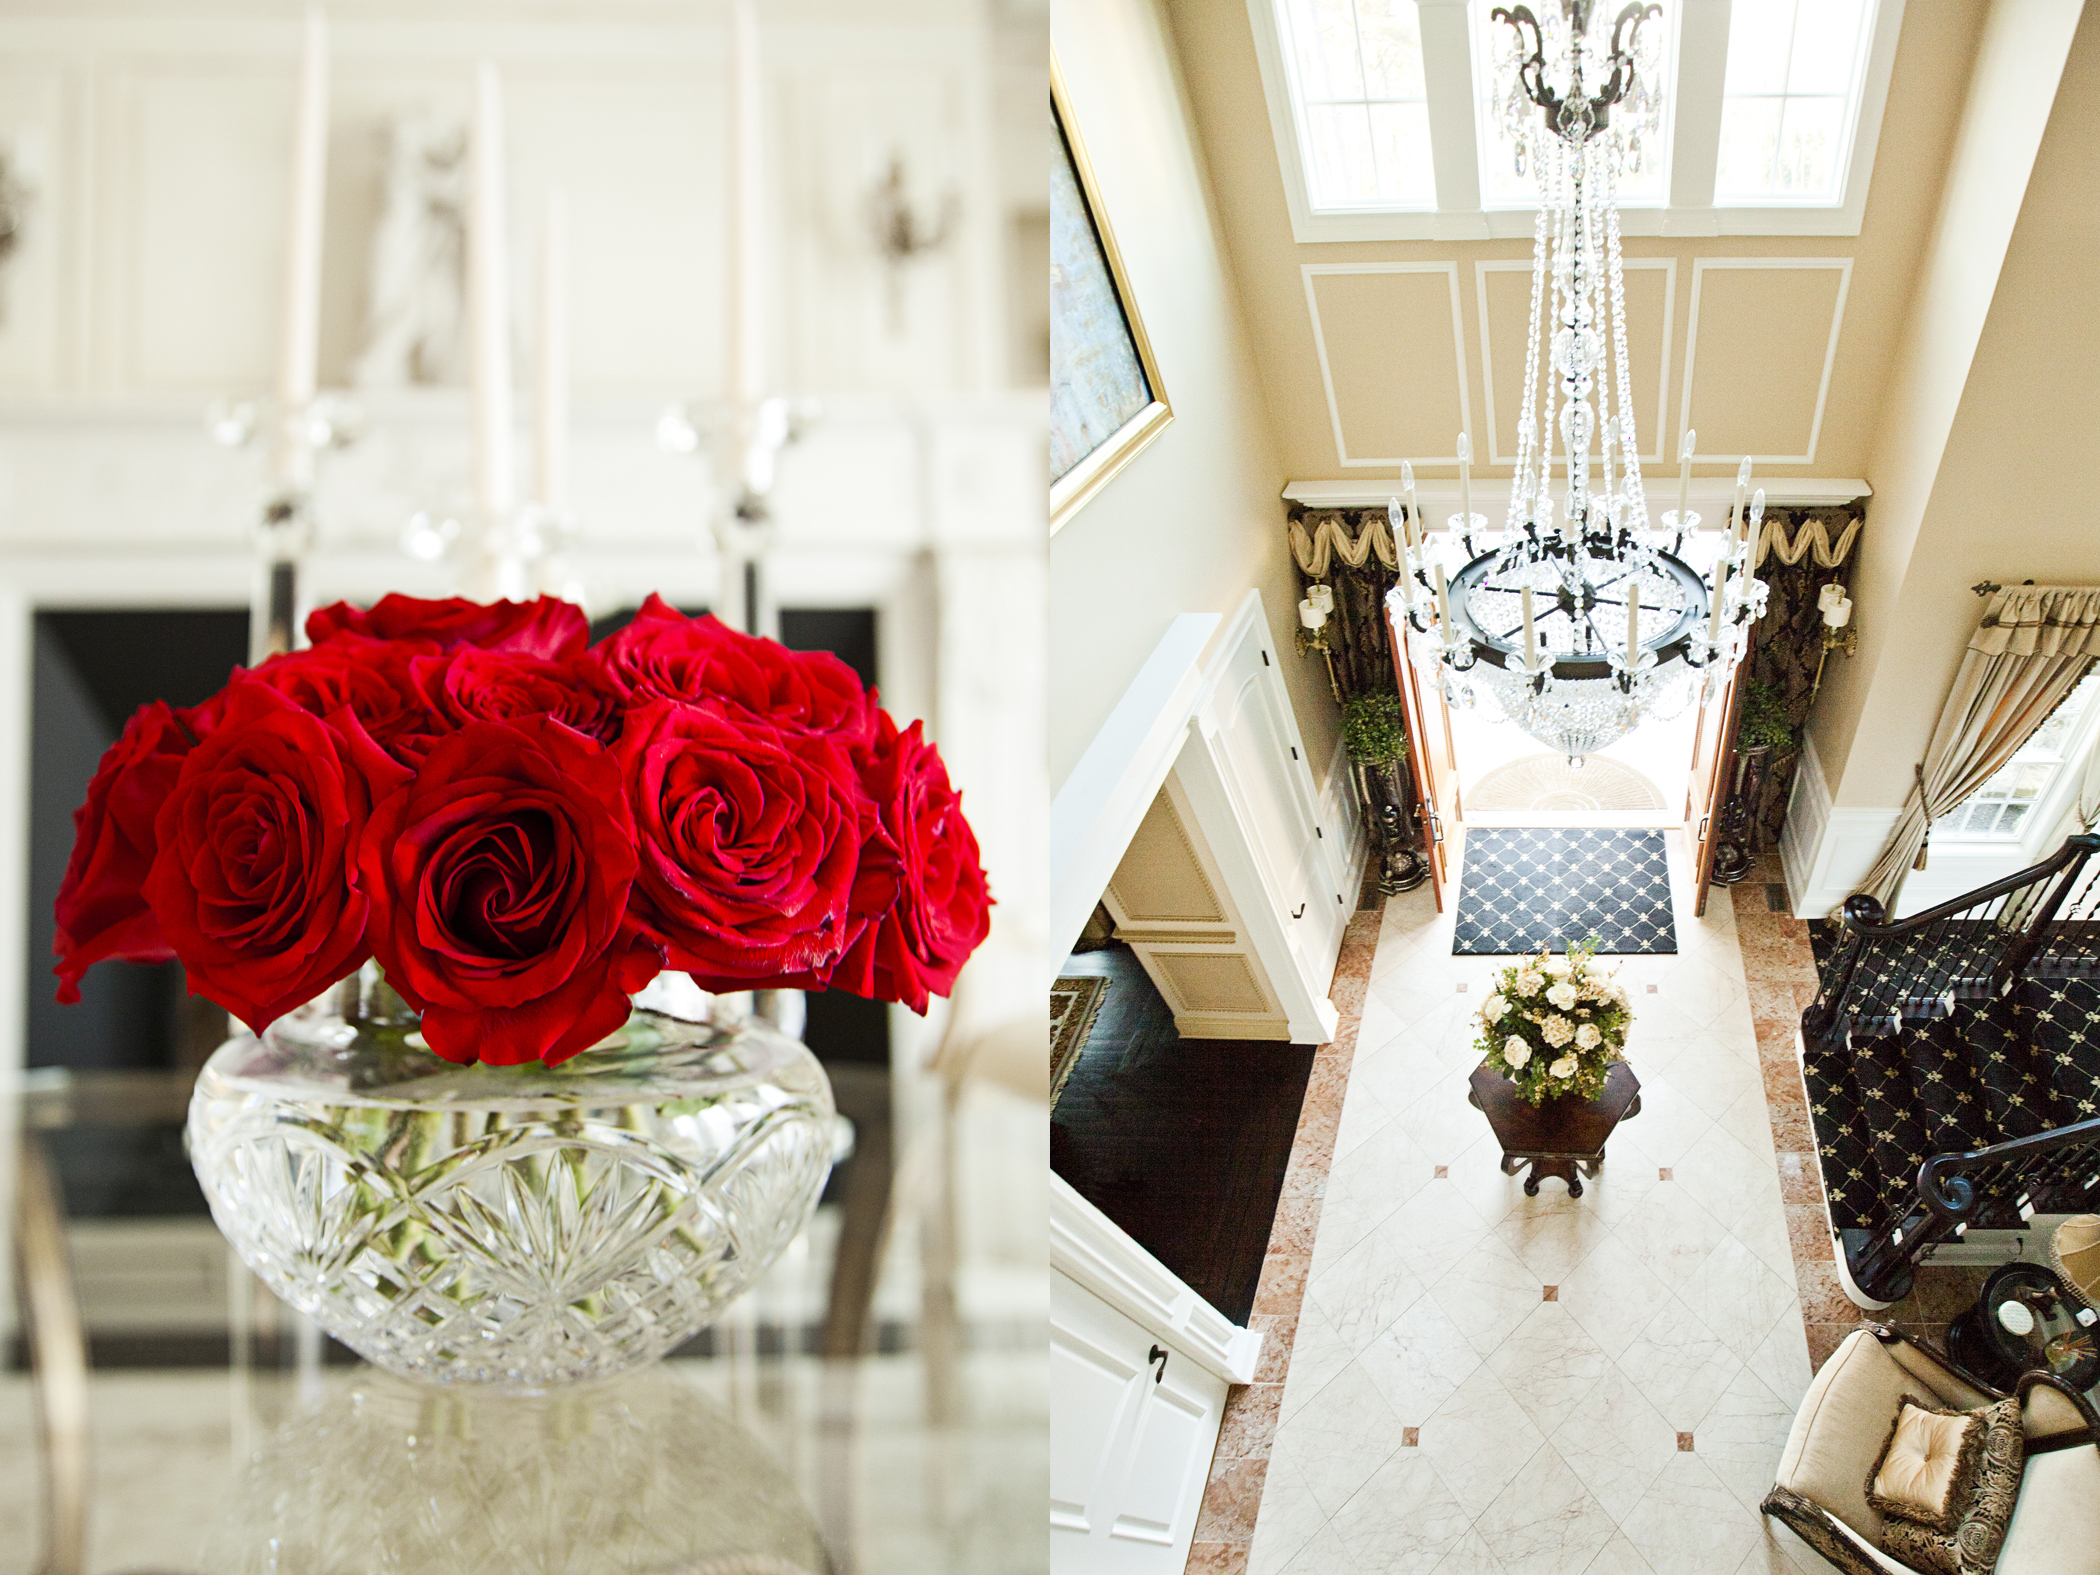 Interiors_Formal Living Room_Entrance Hall.jpg